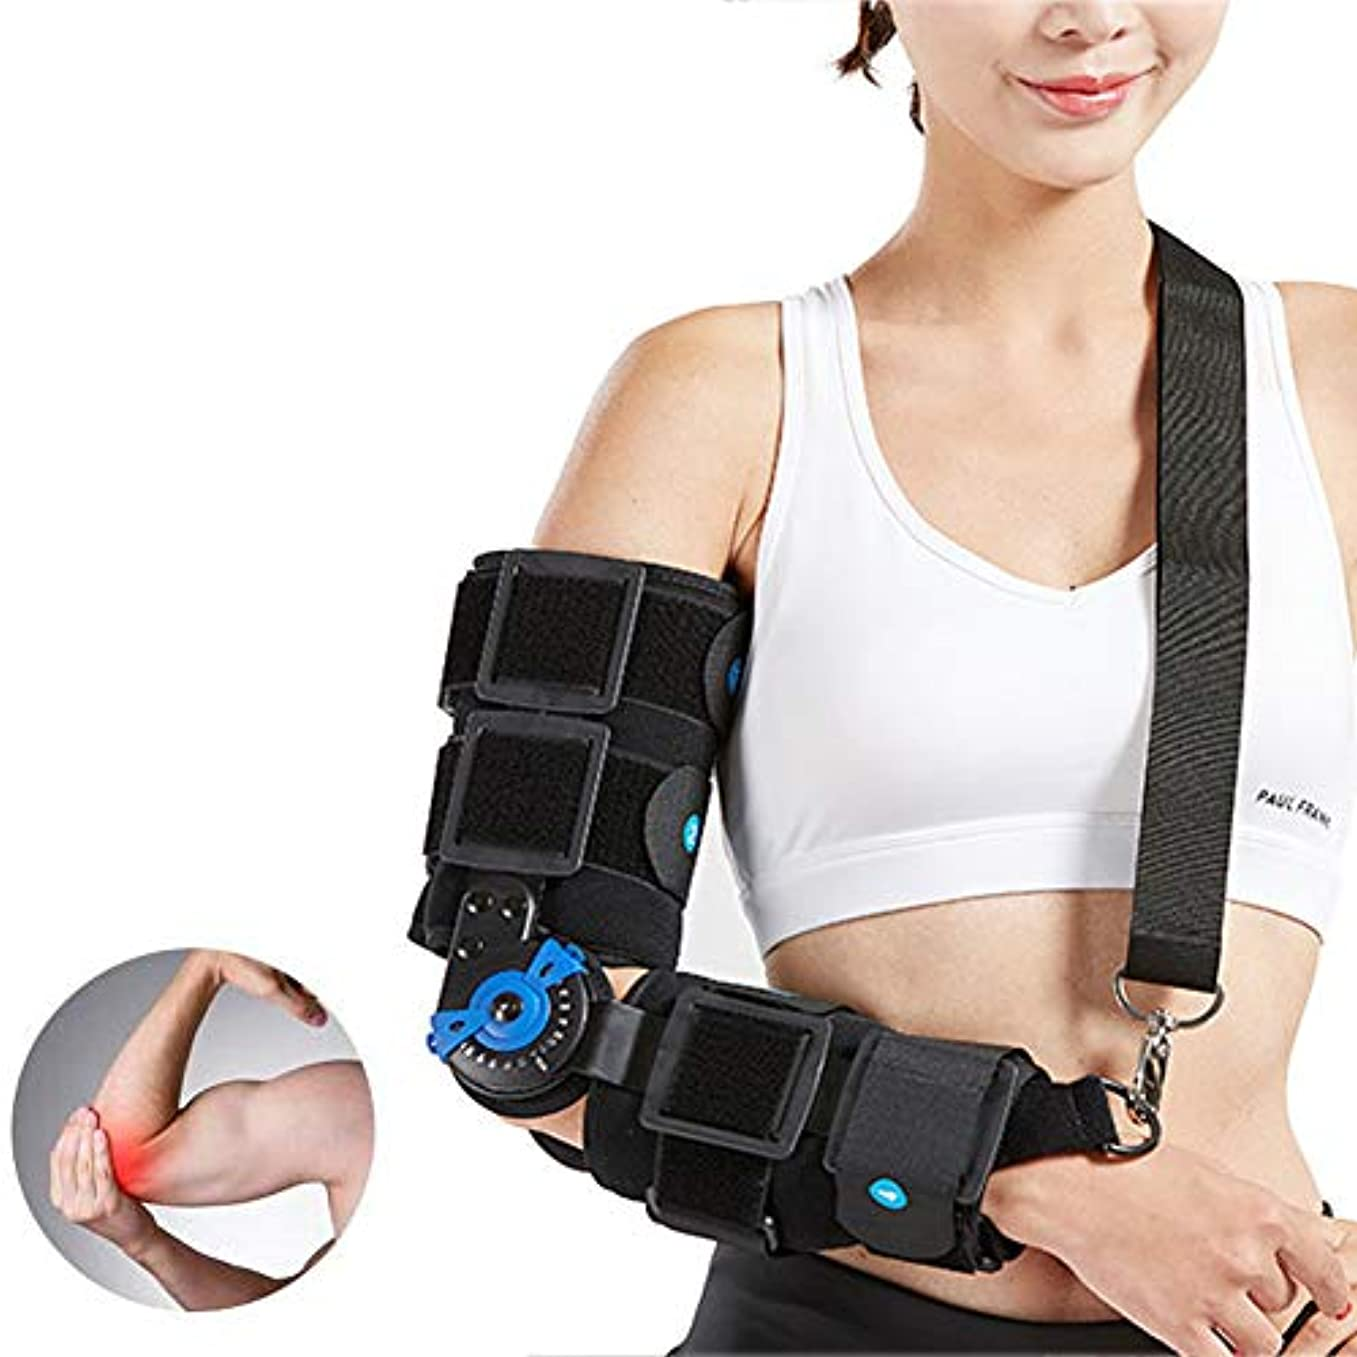 尊厳汚染する誓う調節可能なアームスリングは手術前後の骨折用アームリフト、傷害回復、ワンサイズ - ユニセックス